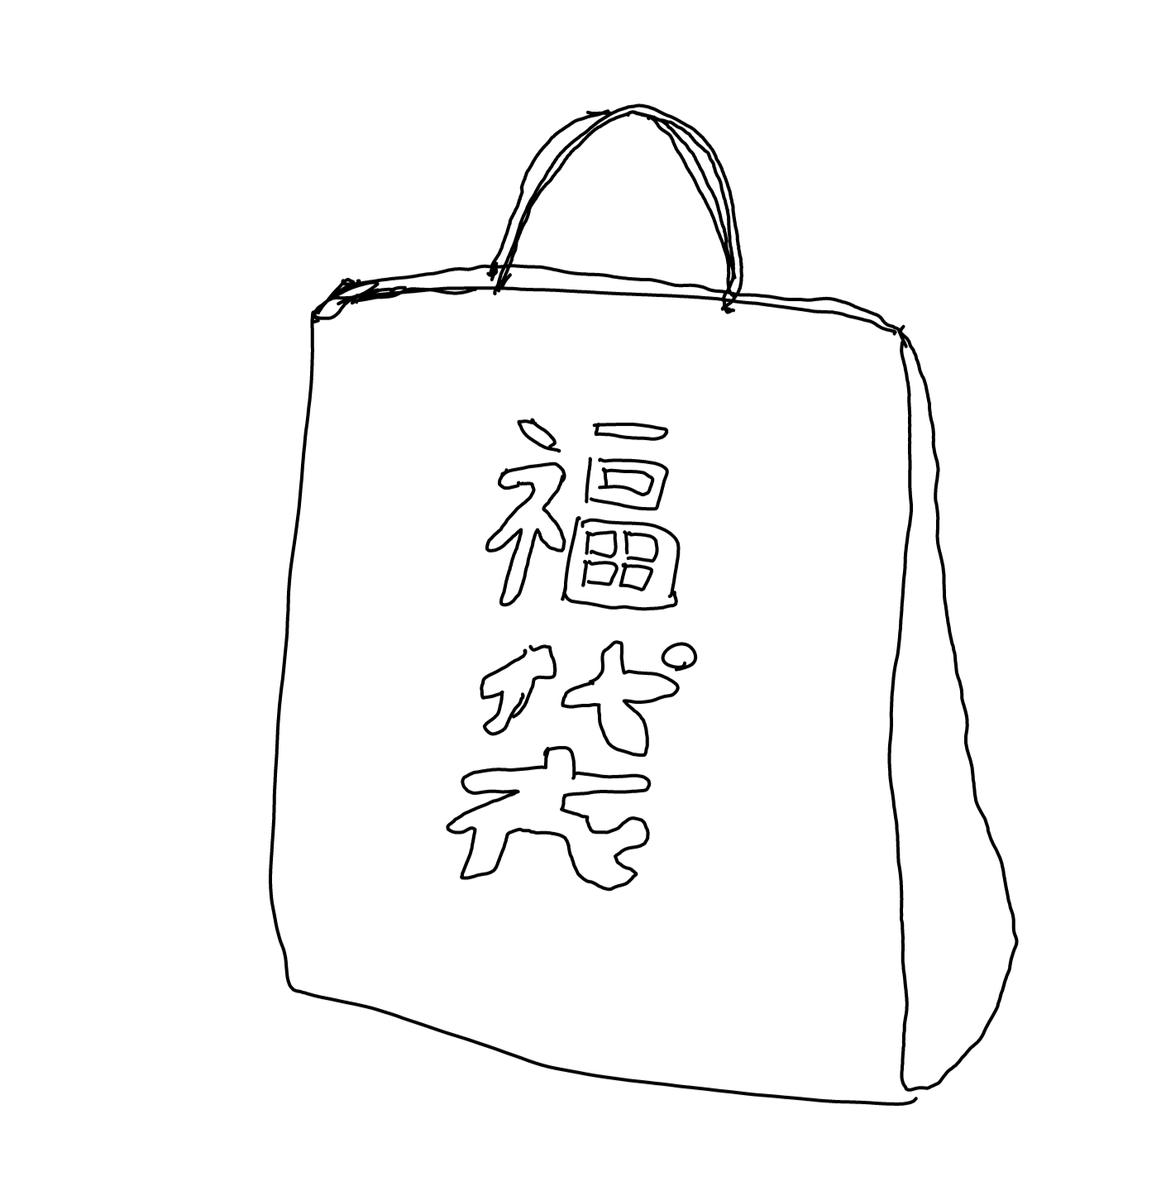 f:id:yuhi-kaigi:20200105090939p:plain:w400